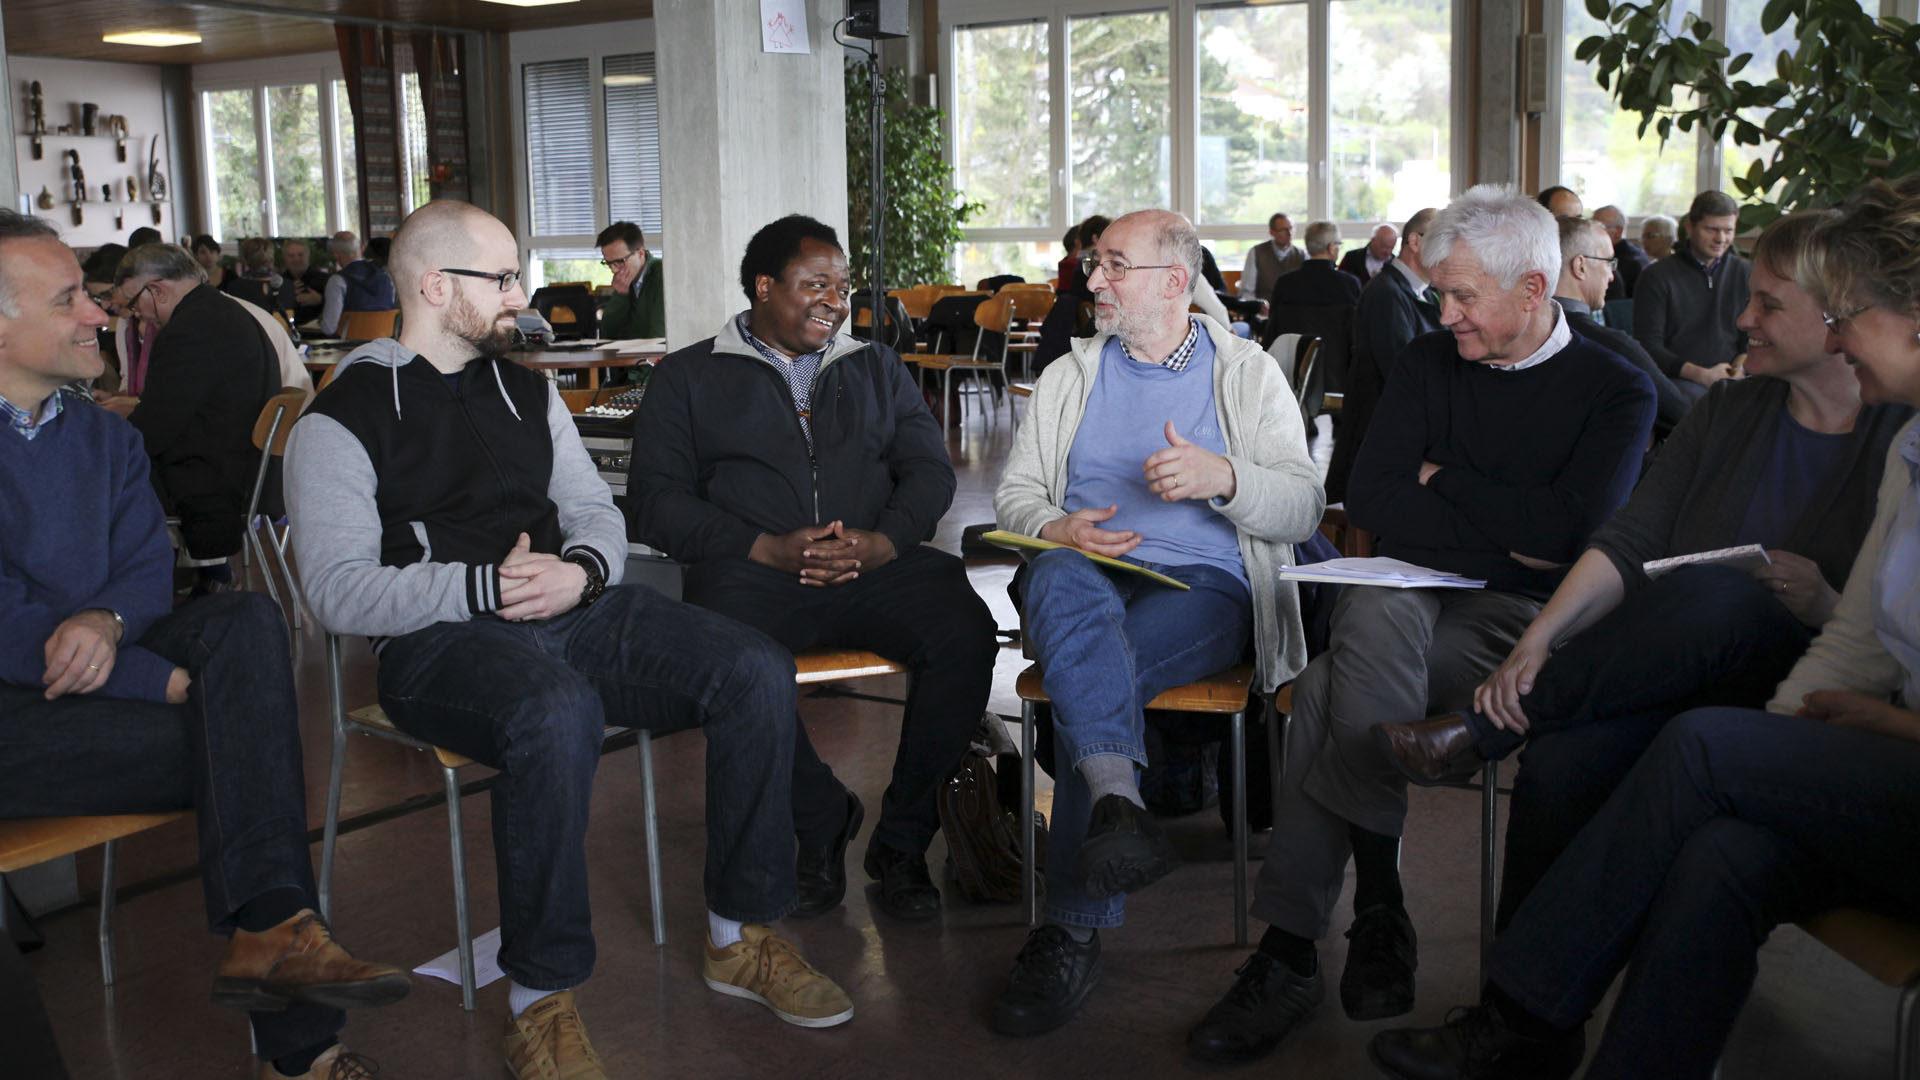 Le Bouveret le 14 avril 2016. Ecole des Missions. Atelier de discussions lors de la session pastorale du diocèse de Sion. (Photo: Bernard Hallet)